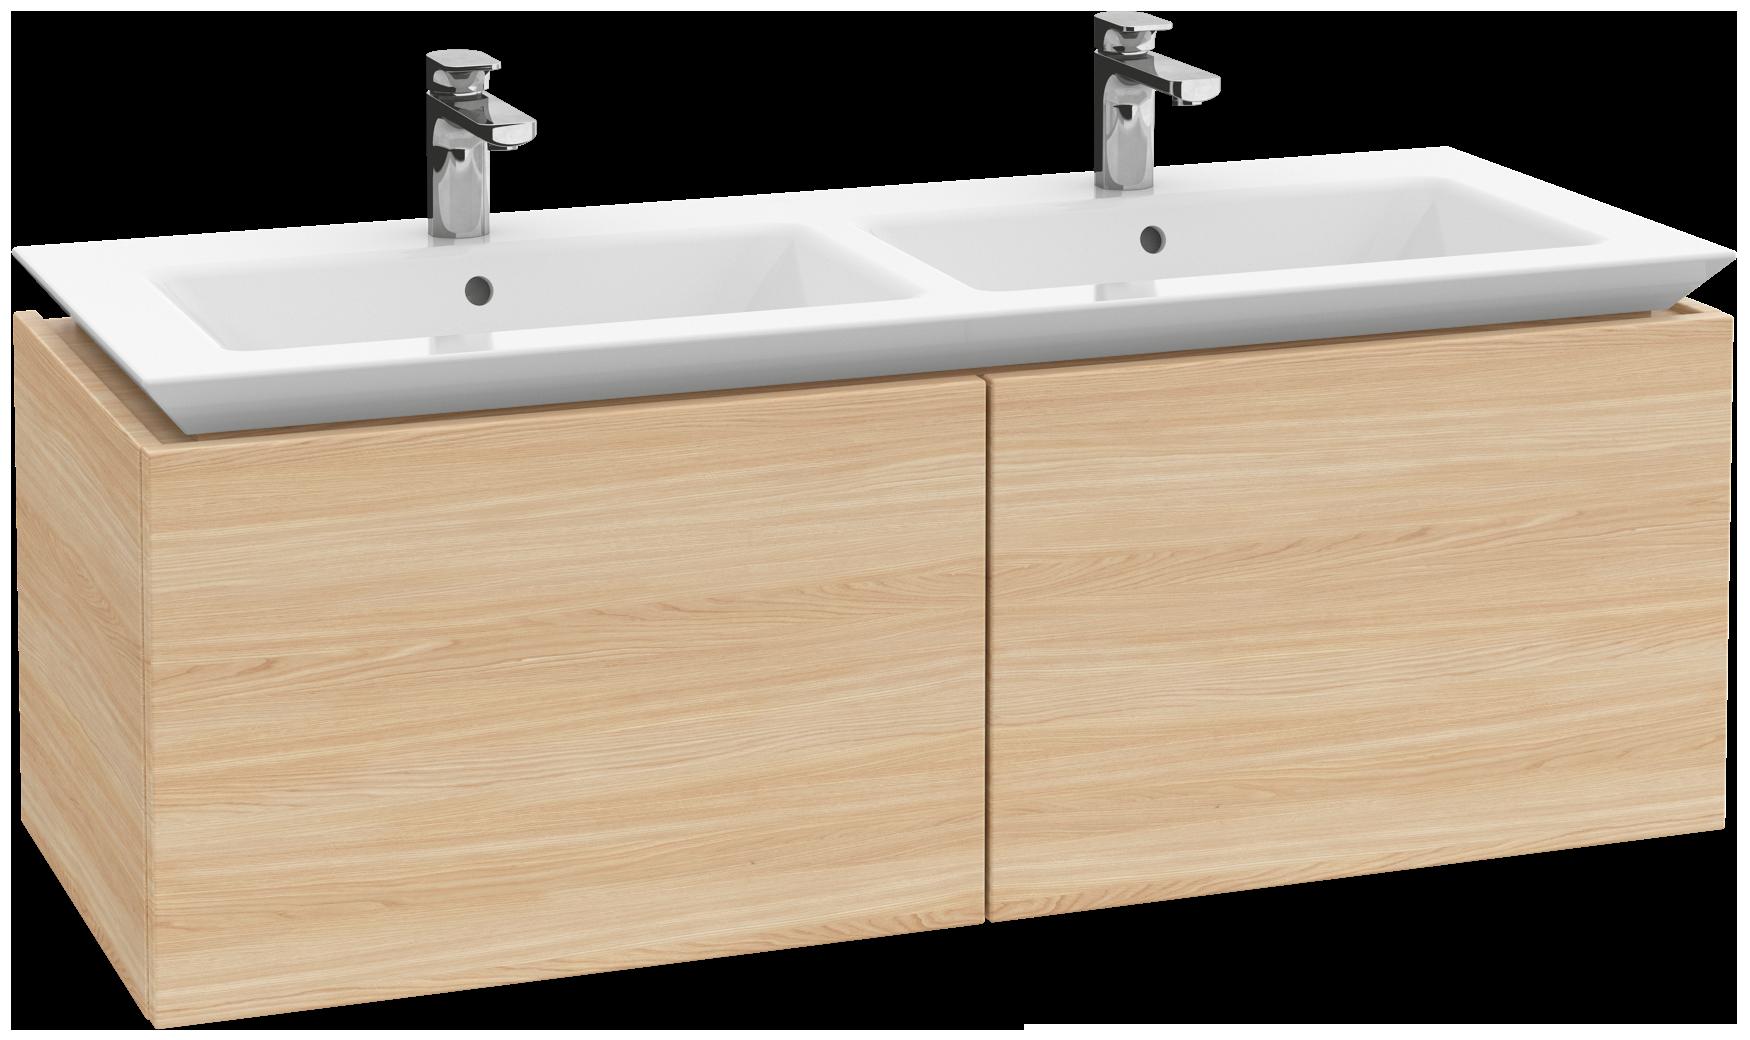 Legato meuble sous lavabo b24200 villeroy boch for Meuble villeroy et boch